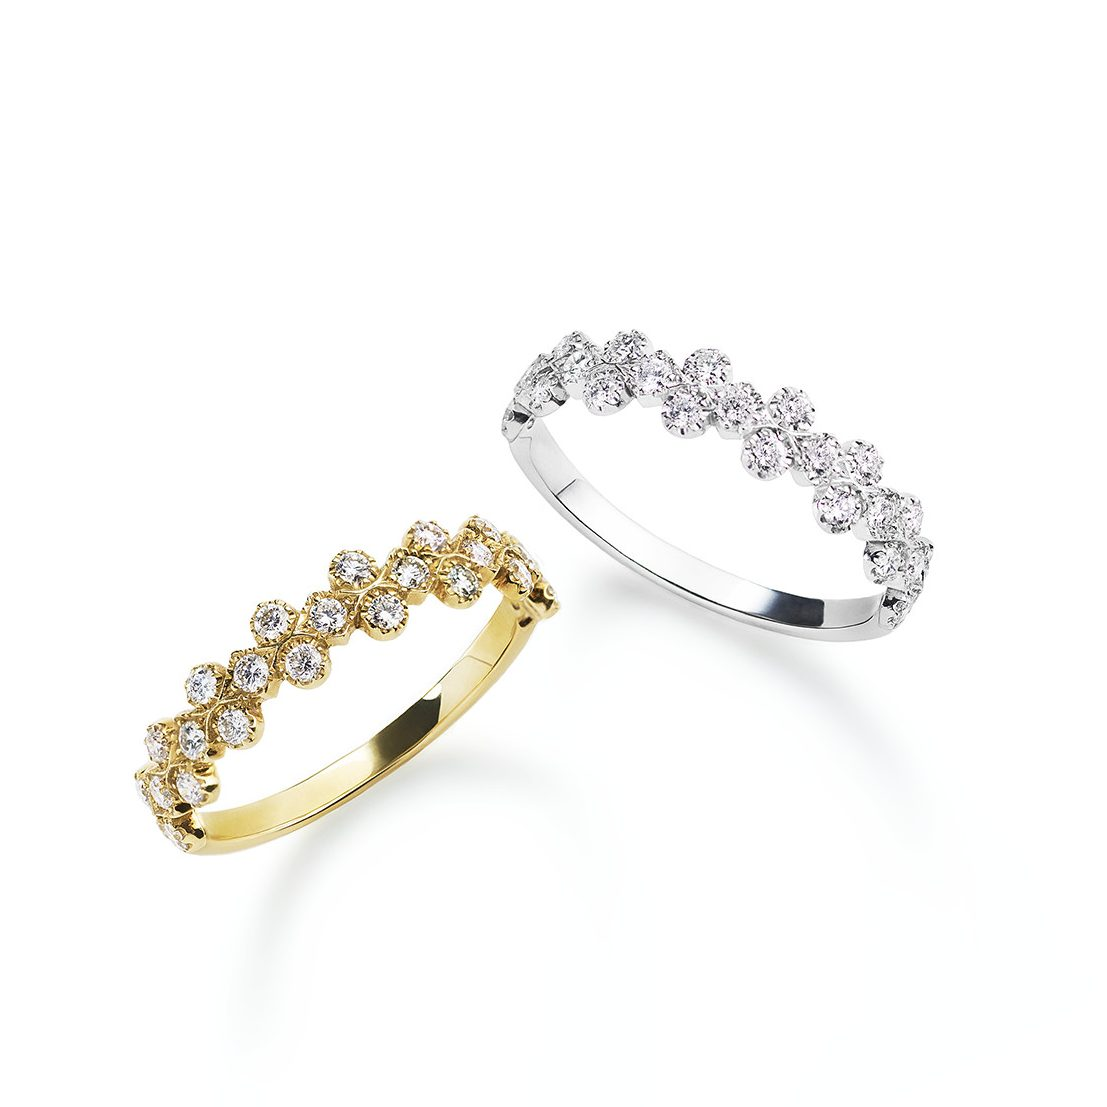 ゴージャス 婚約指輪のフローレントリング